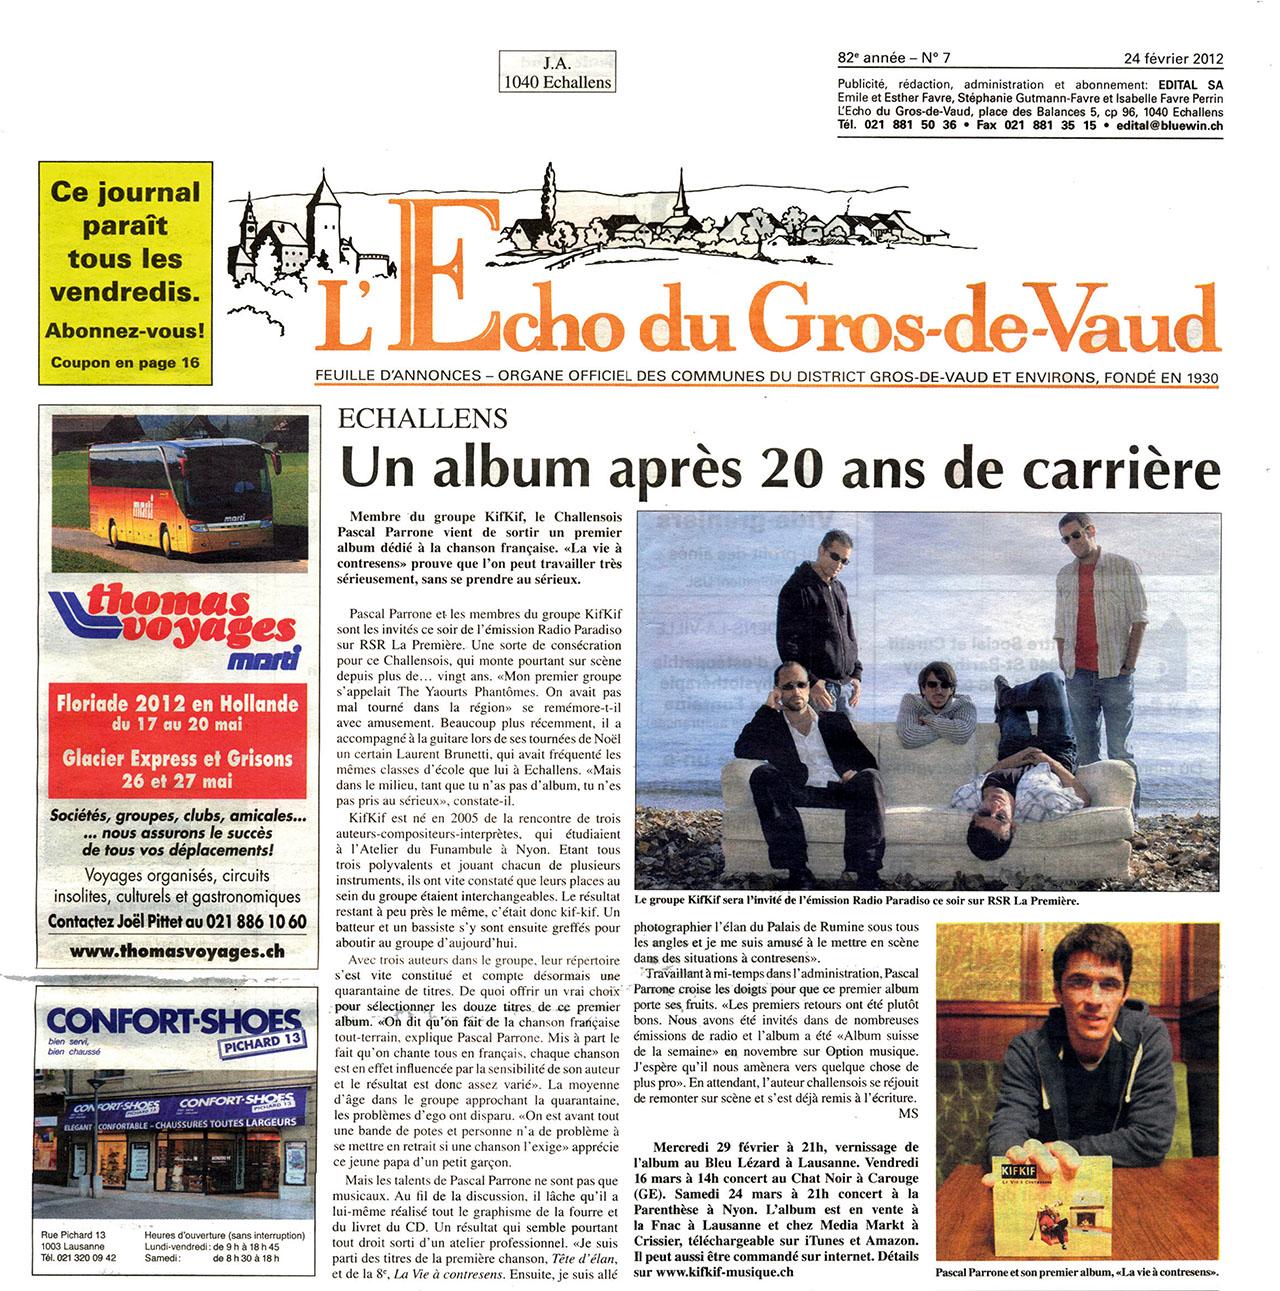 L'Echo du Gros de Vaud - Un album après 20 ans de carrière - 24.02.2012